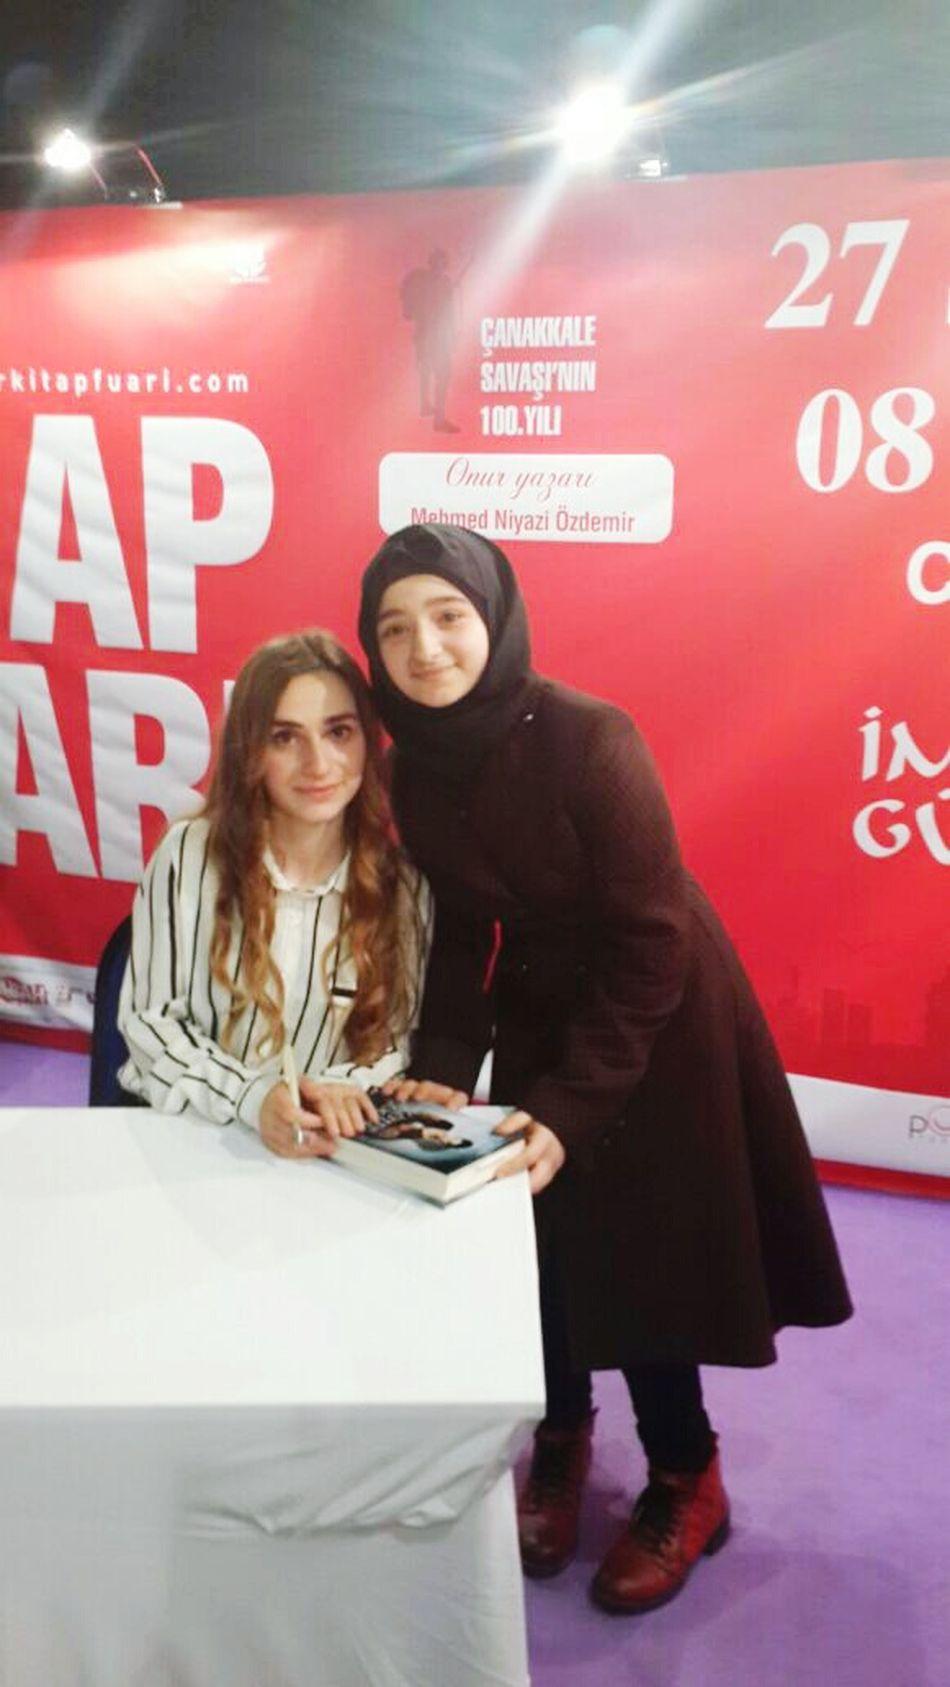 6 saatlik bir sıradan sonra sonunda Büşra ile tanıştım 😍😍😃😄😊